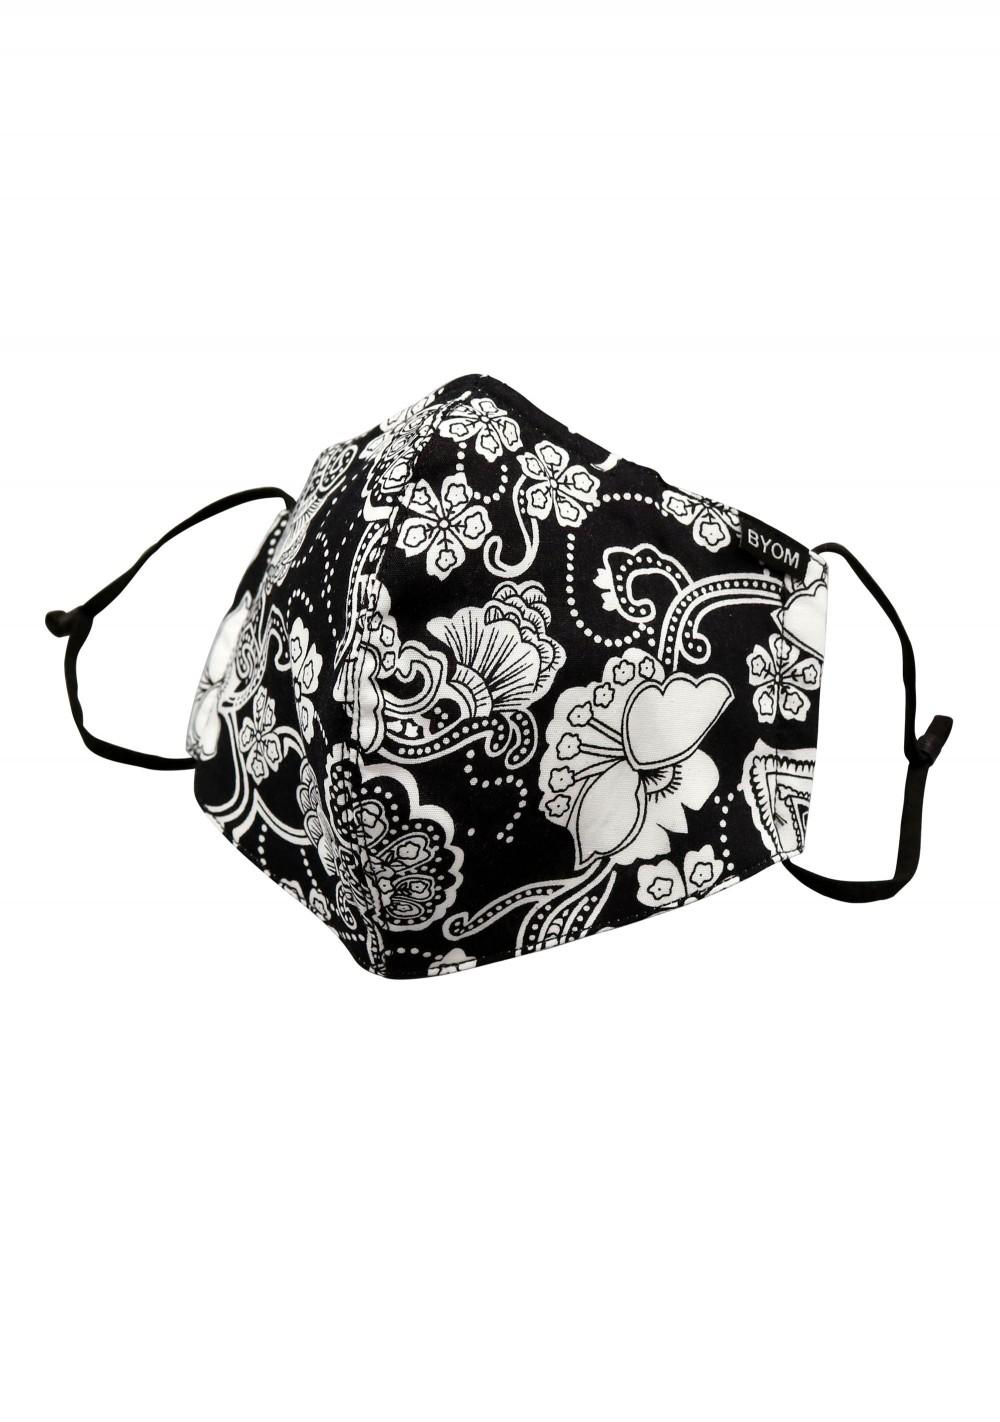 Black and White Bandana Paisley Face Mask